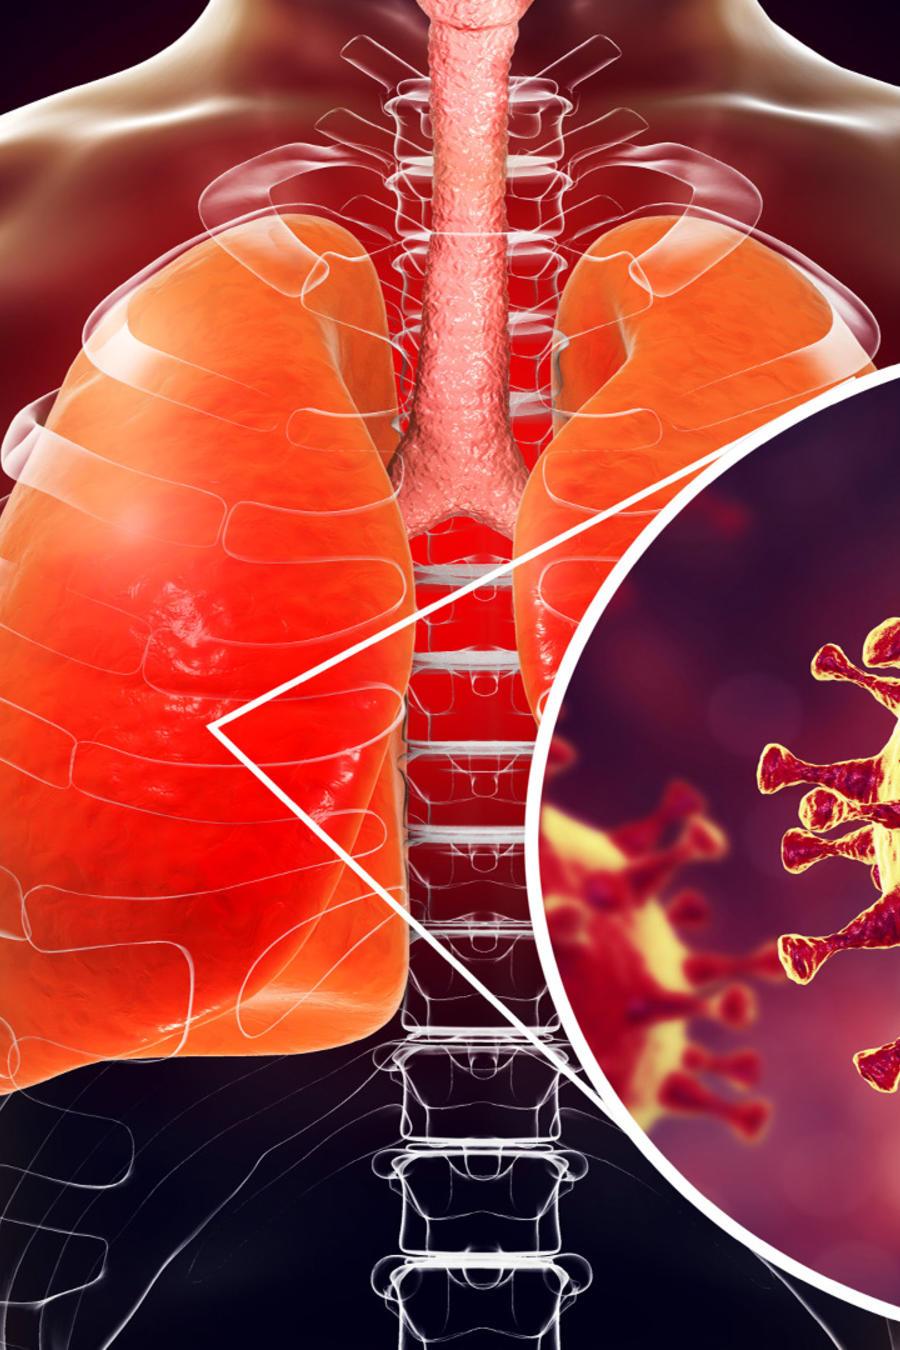 Pulmones con coronavirus